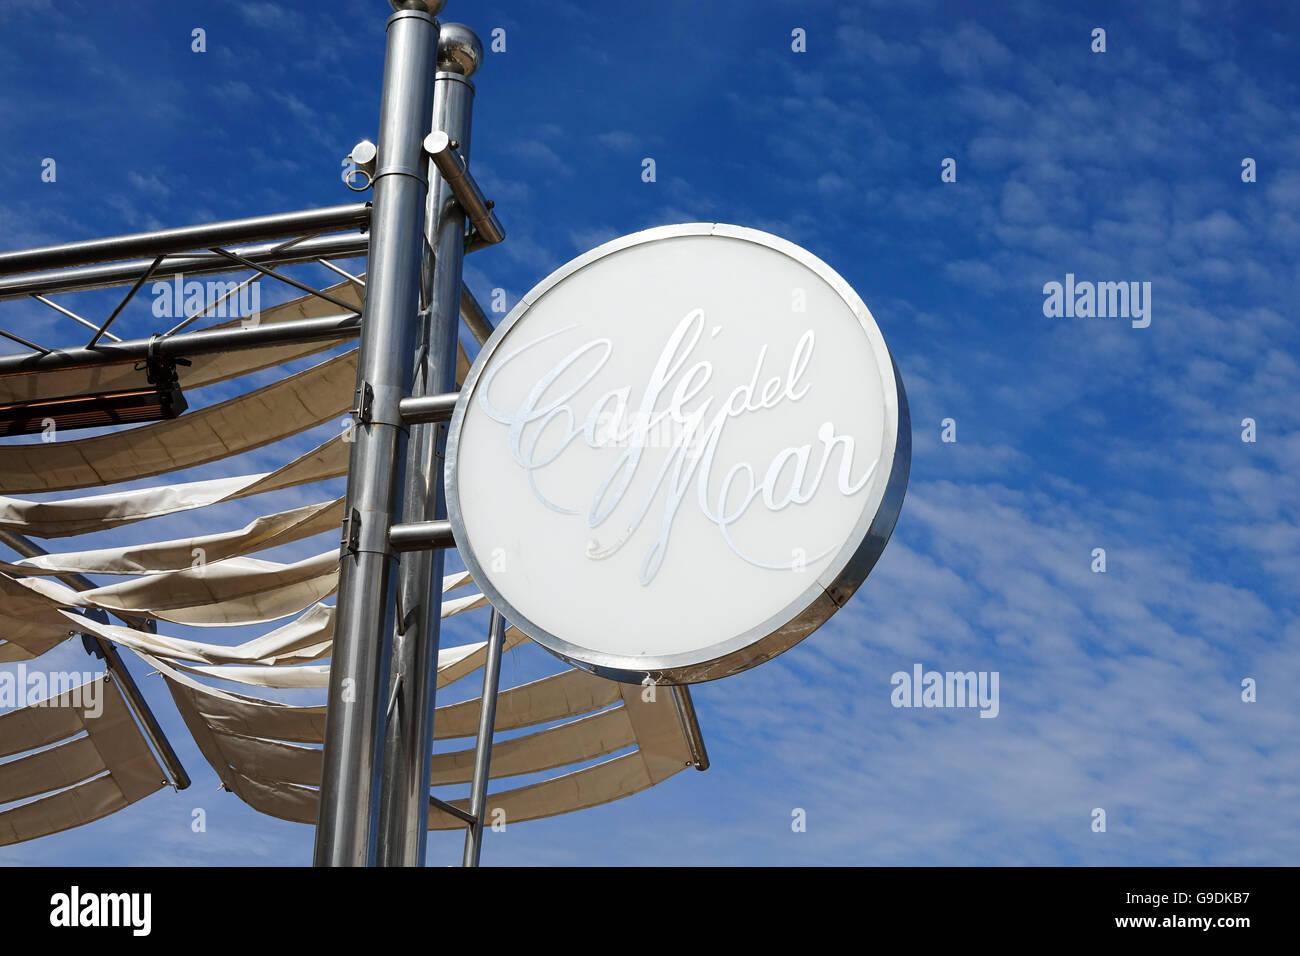 Cafe del Mar sign San Antonio Ibiza Spain beach resort - Stock Image